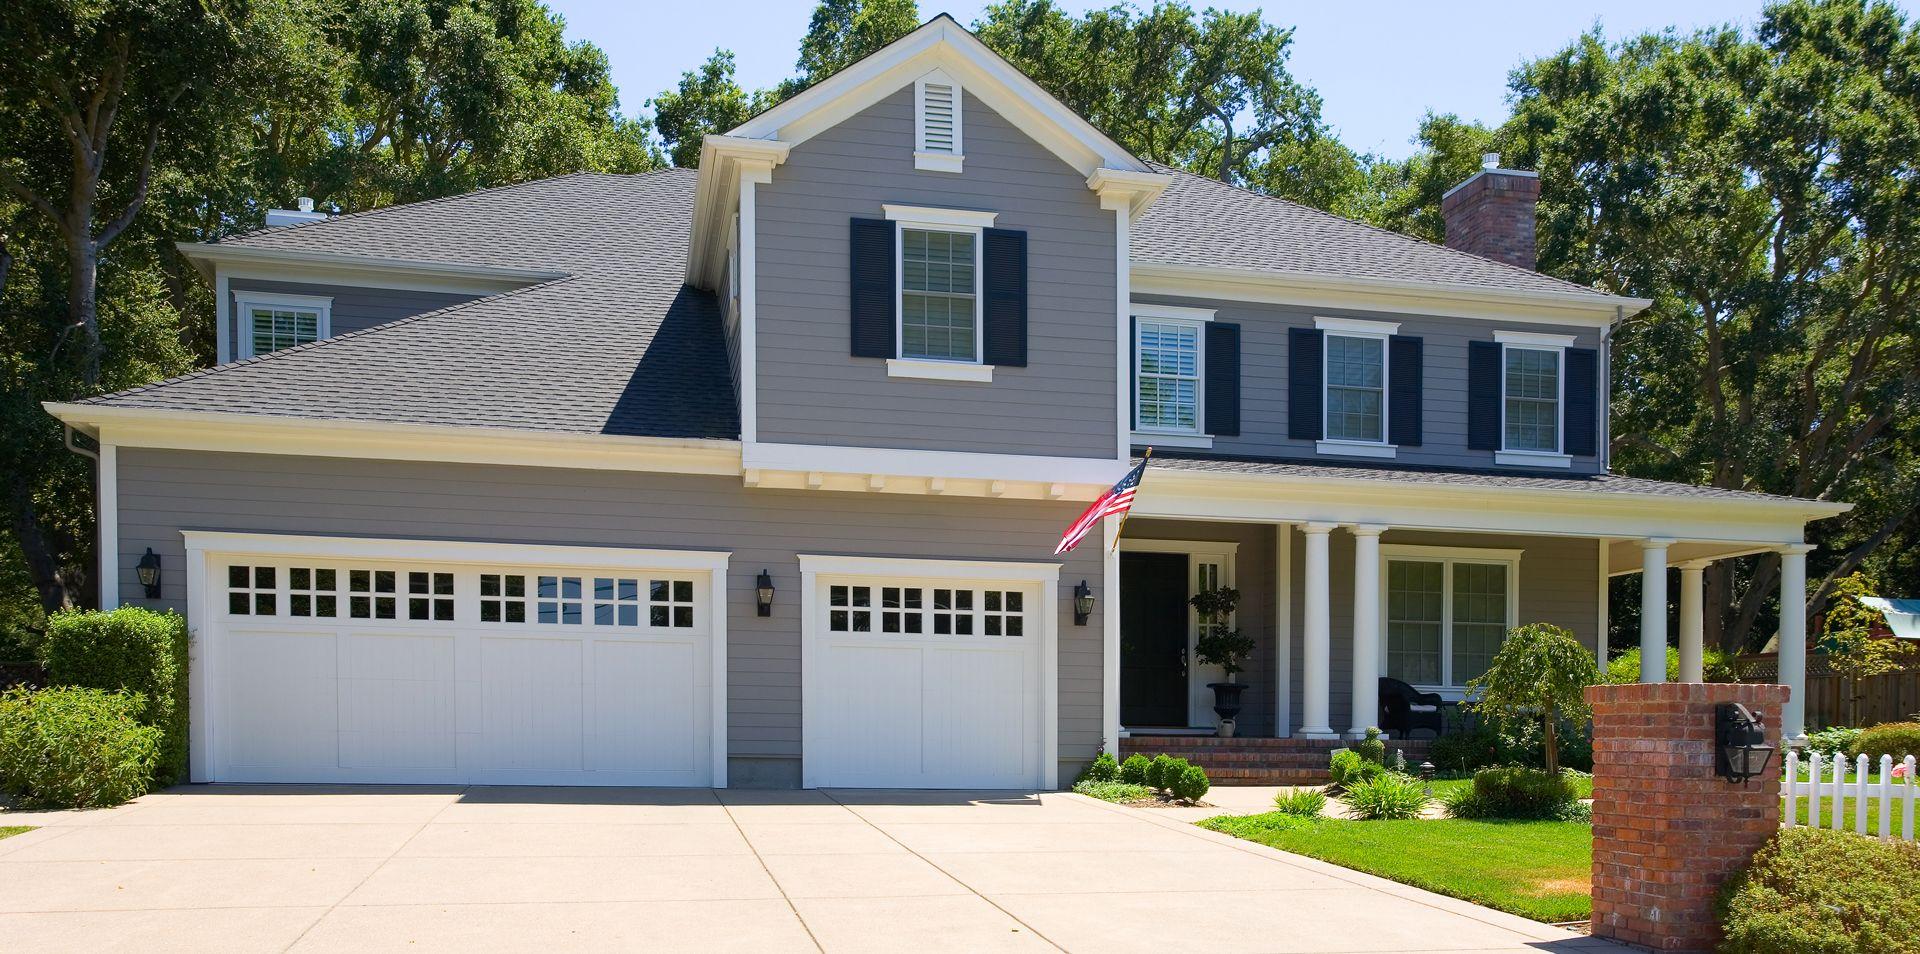 Don Sharp Home Improvements Garage Door Repair Garage Doors Home Builders